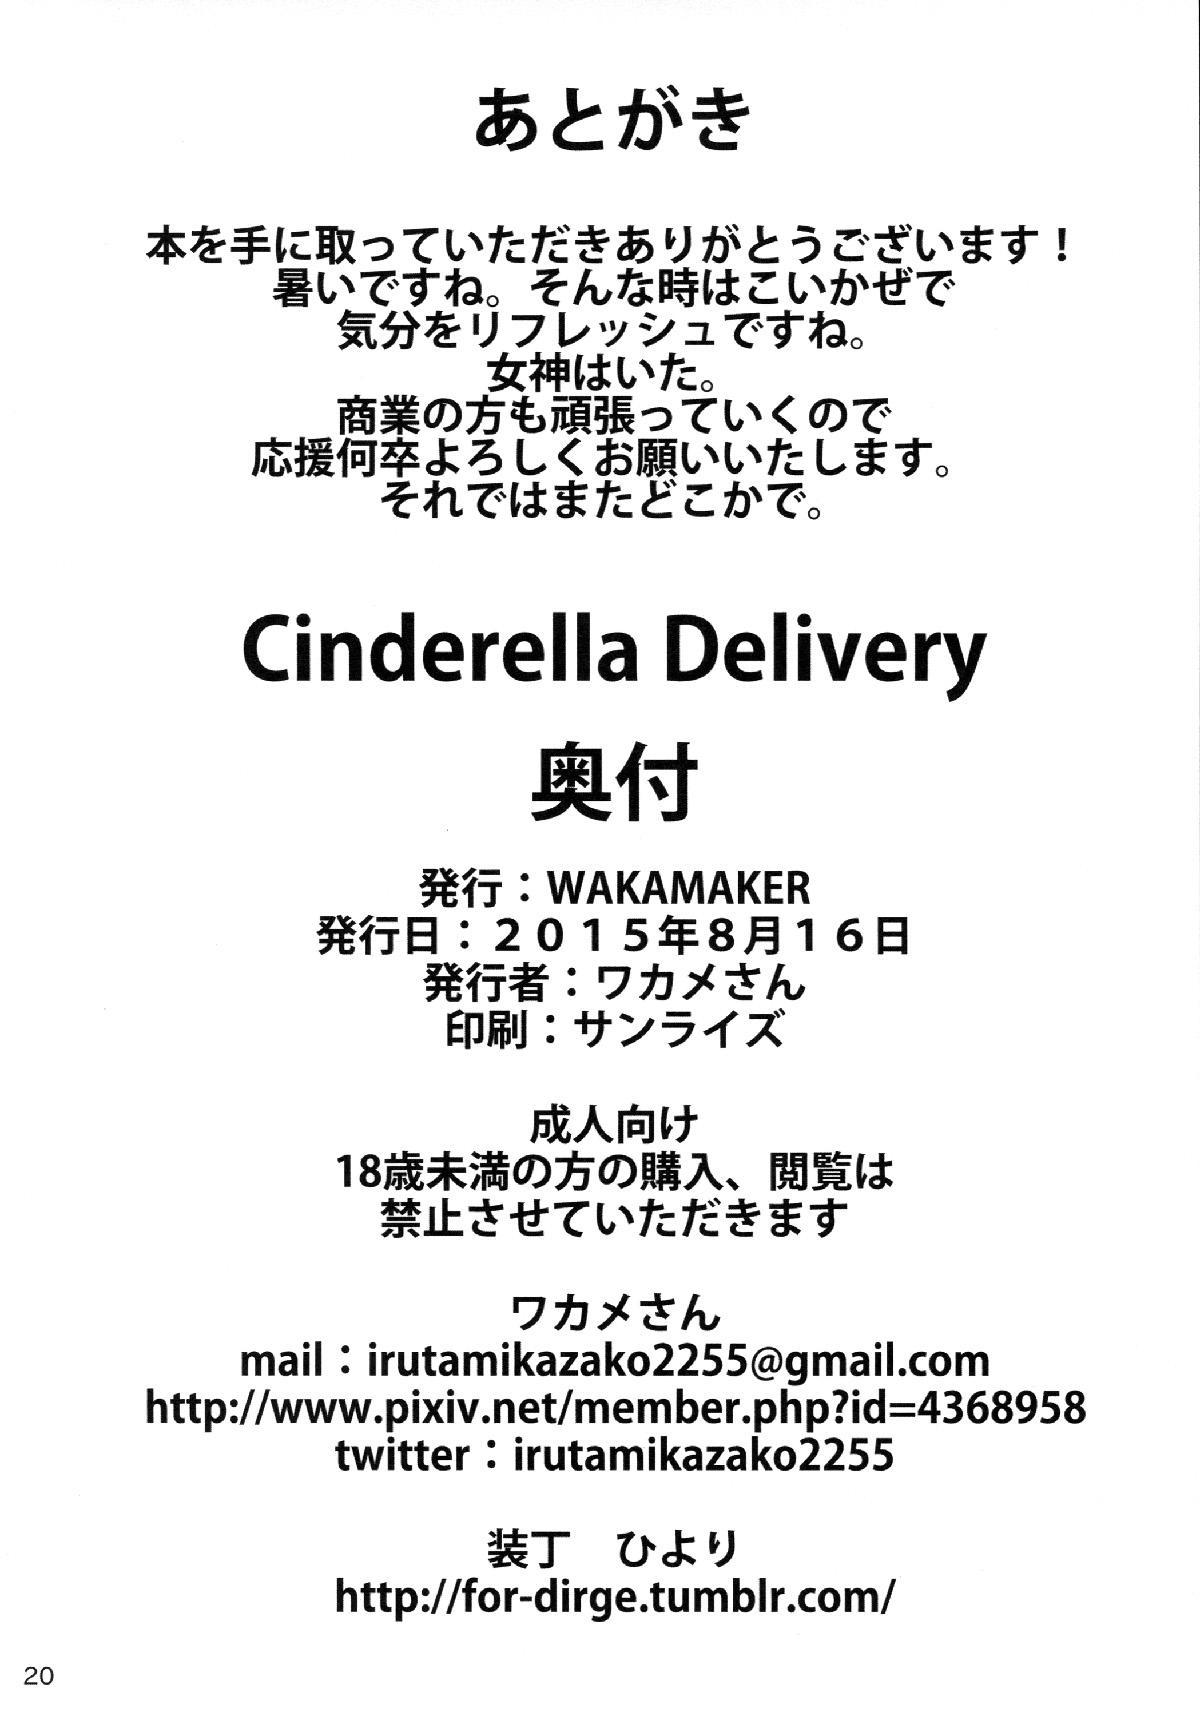 Cinderella Delivery 21